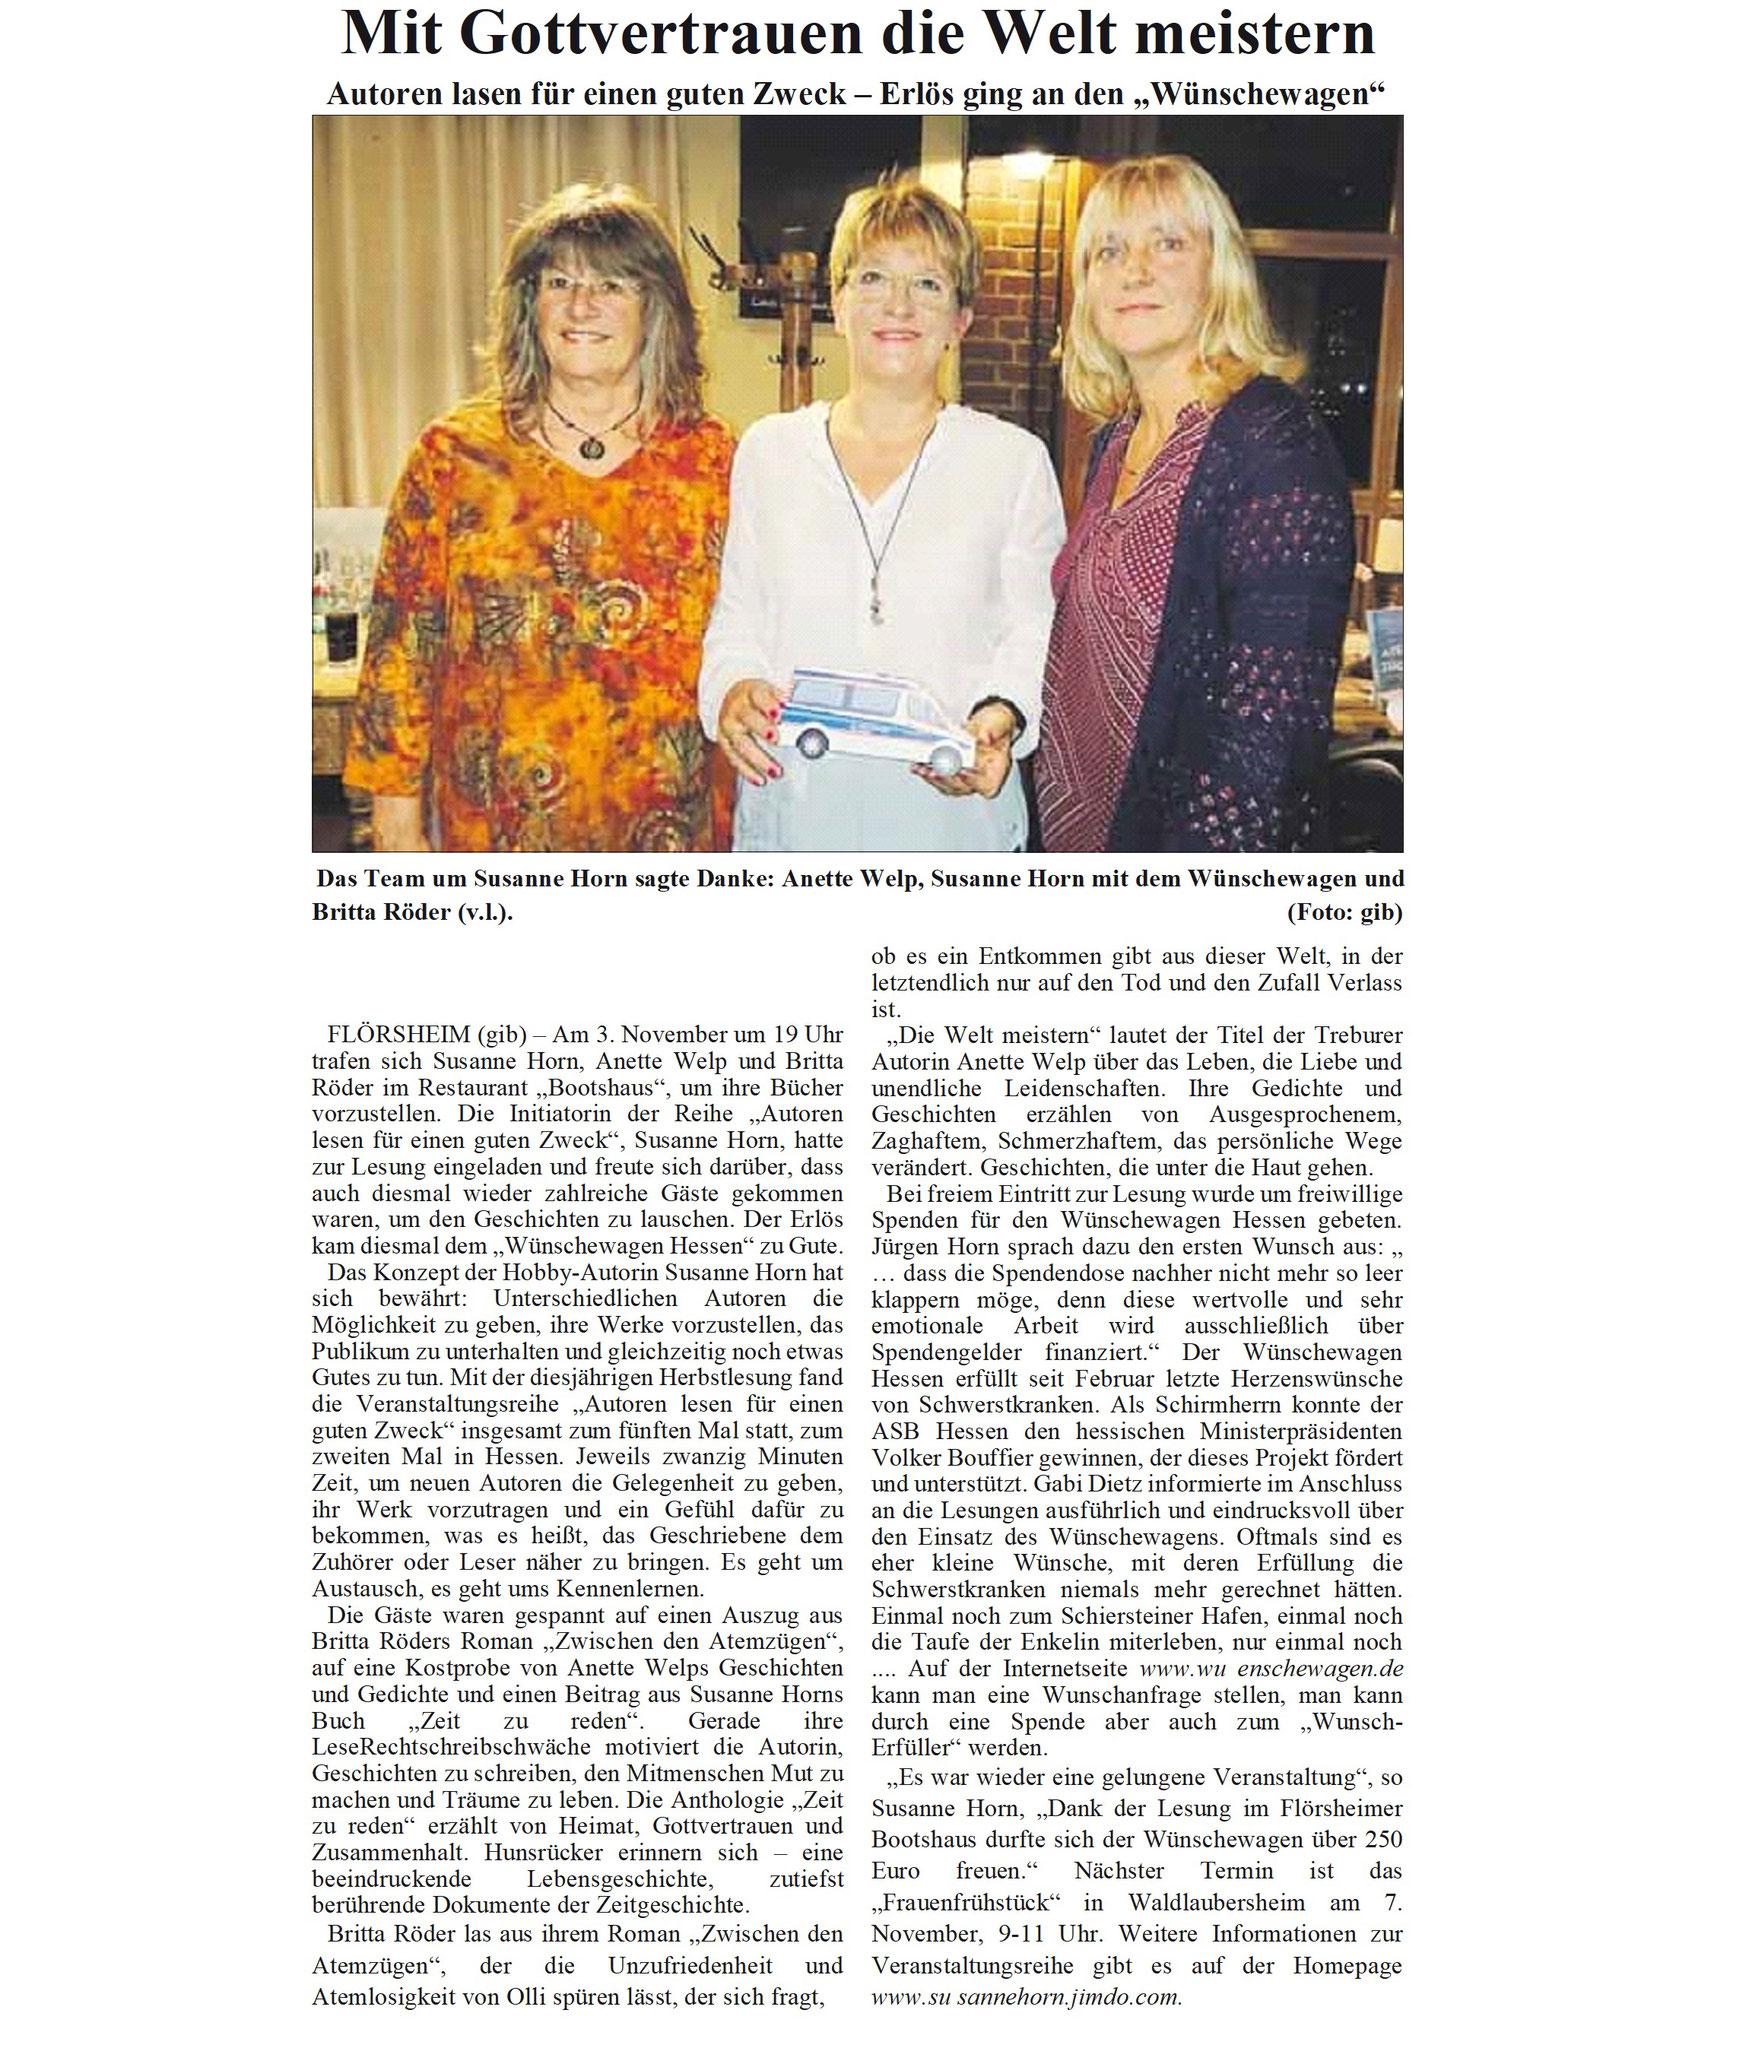 Vielen DANK an Frau Engel von der Flörsheimer Zeitung für die Berichterstattung